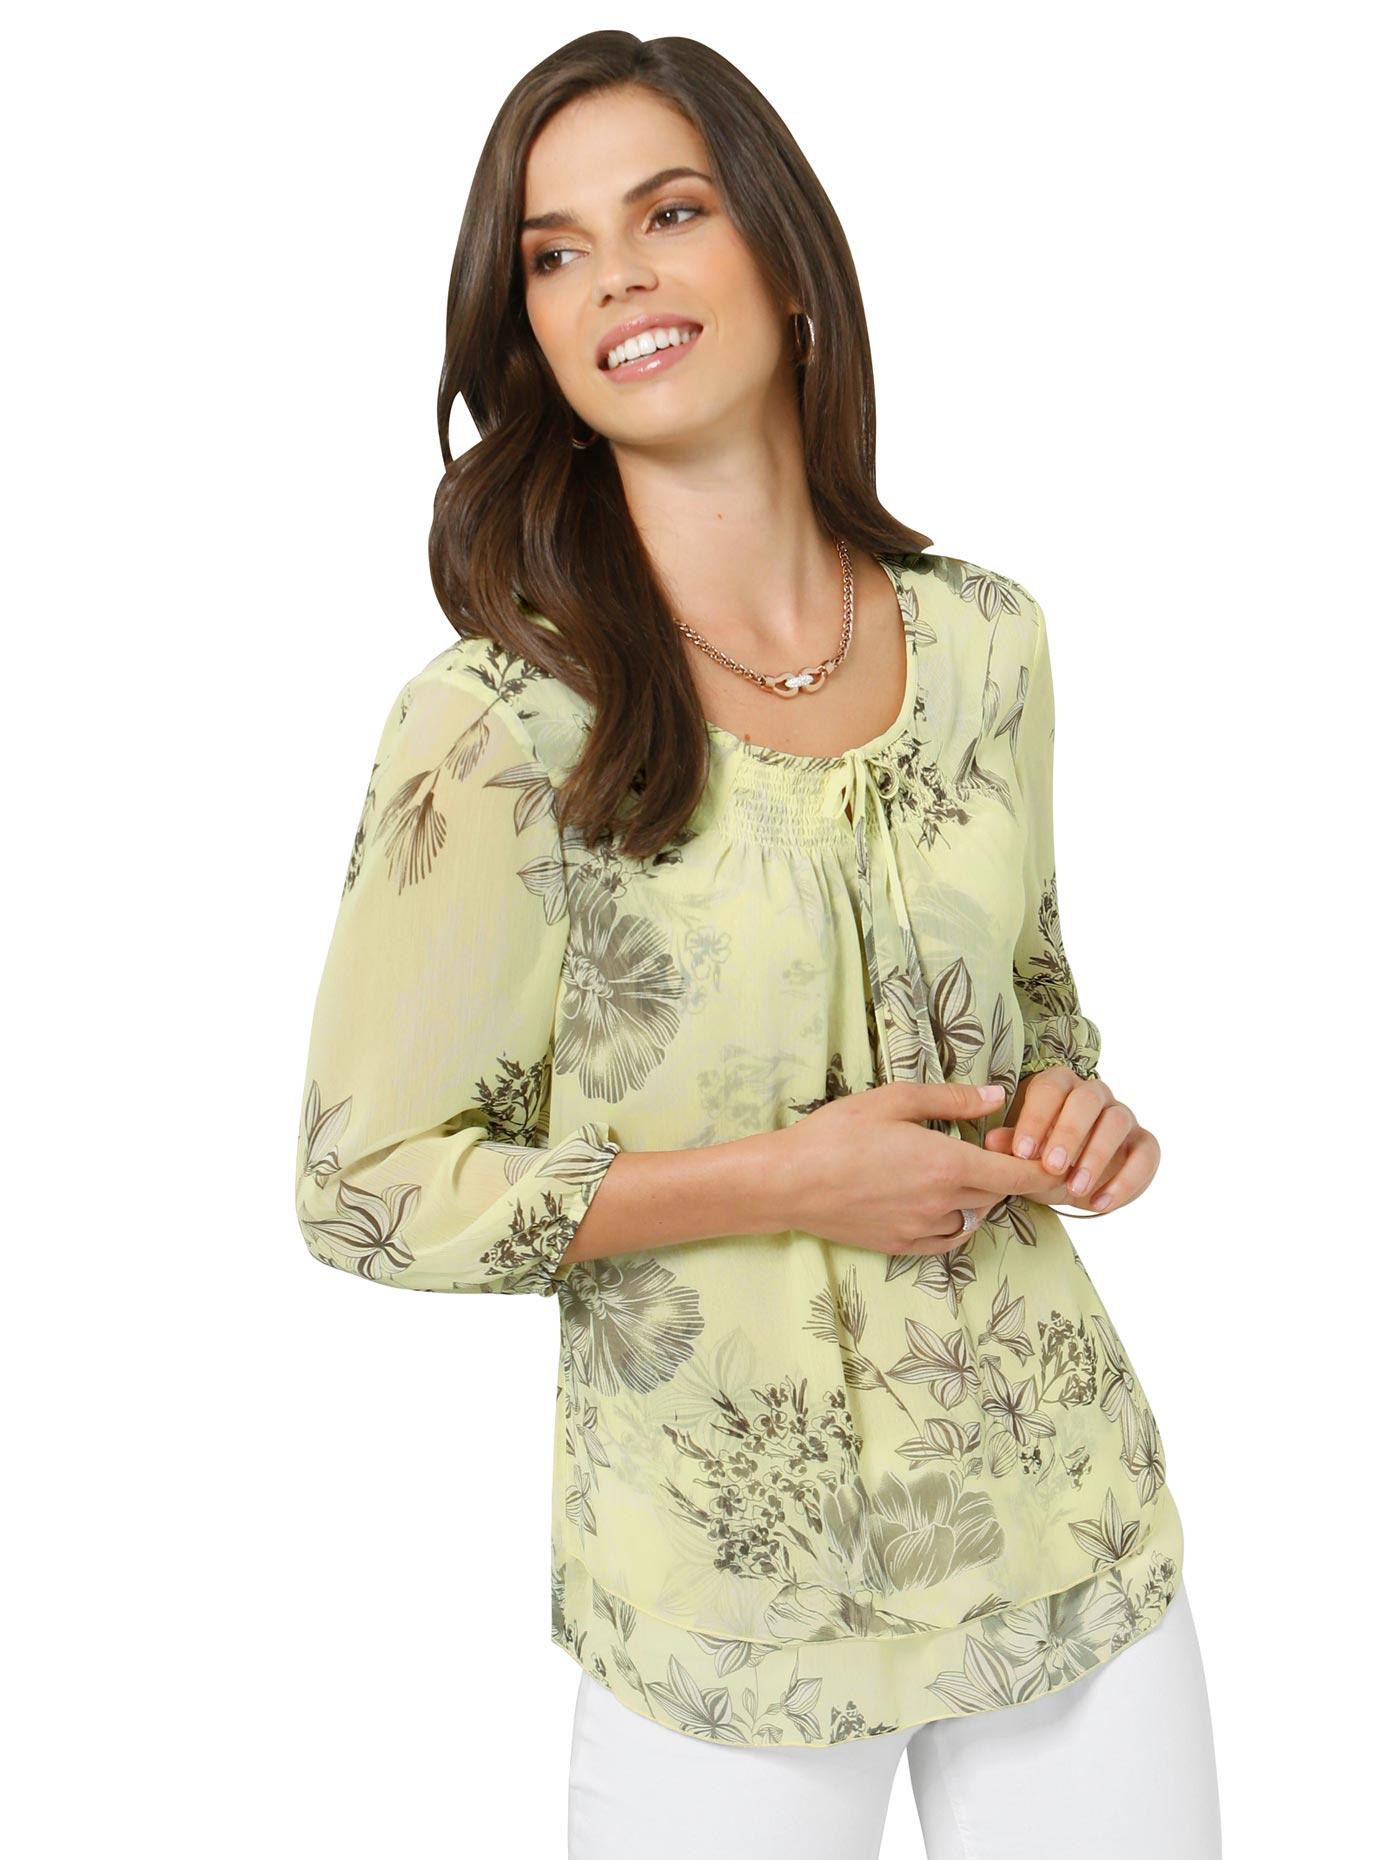 Image of Alessa W. Druckbluse im floralen Dessin